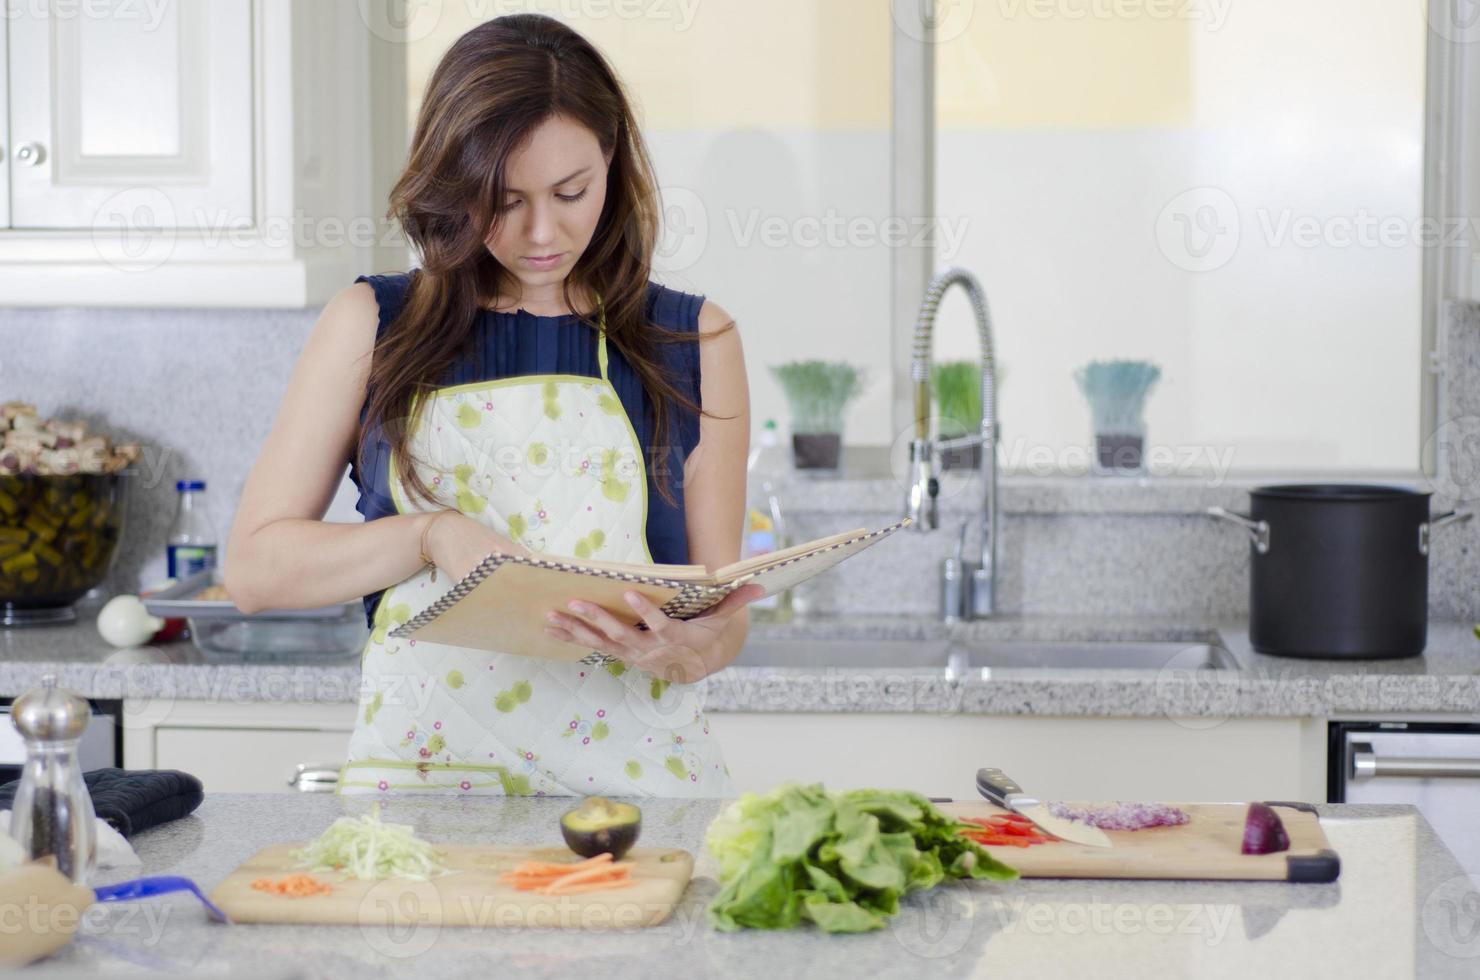 mooie huisvrouw die een recept kookt foto